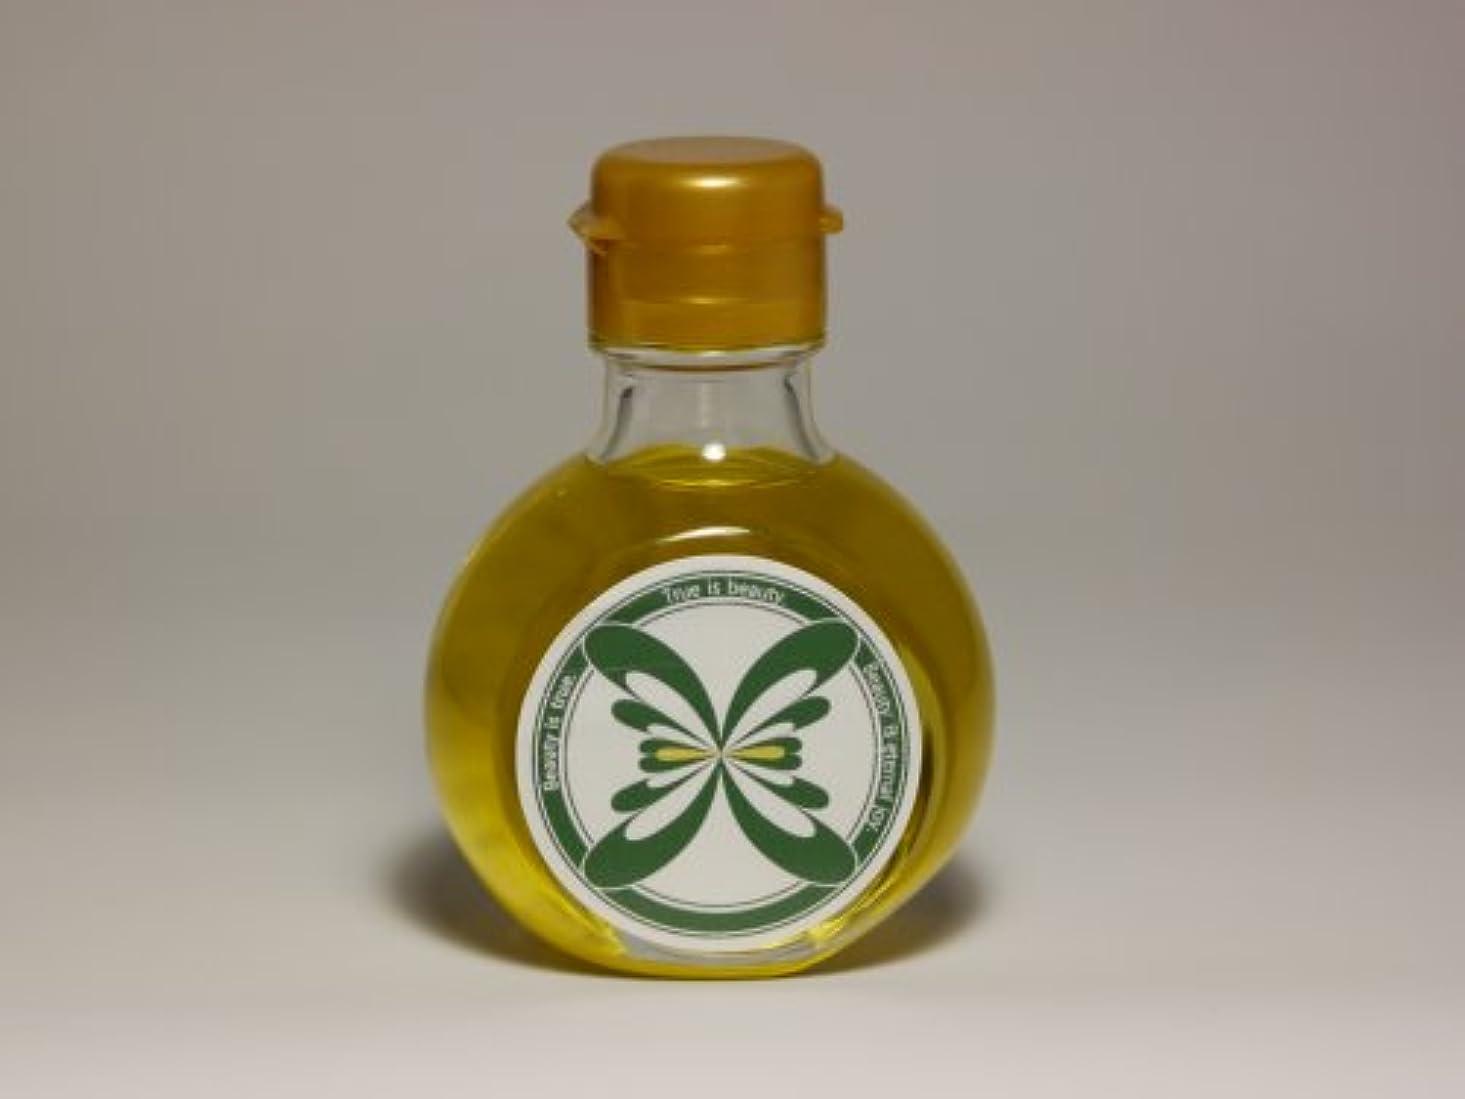 丈夫合意不可能なモリンガゴールドオイル100 100ml 酸化しにくい飽和脂肪酸含有のモリンガオイル100%で、クレンジング(特にアイメイク落し)?保湿?ヘアオイルなど、色々な用途に使えます。